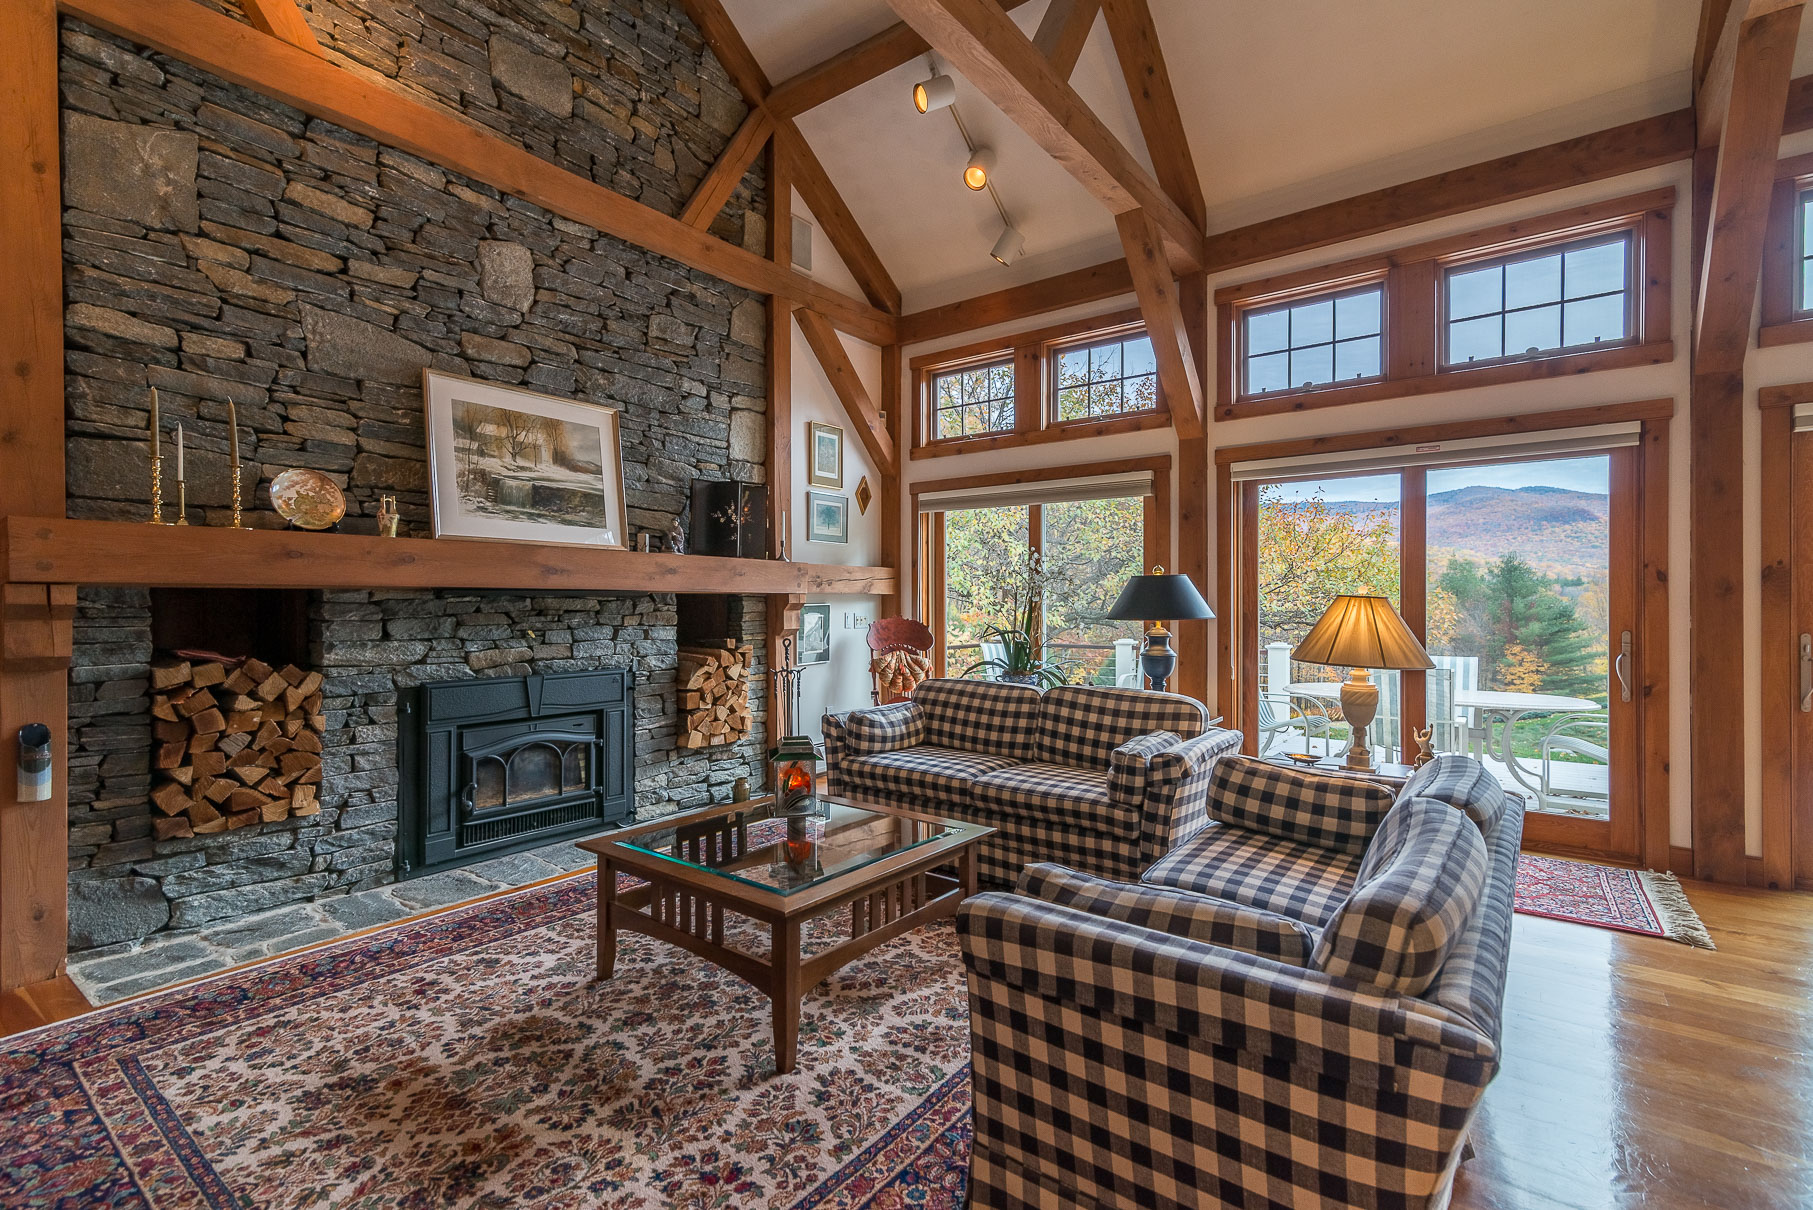 独户住宅 为 销售 在 Exquisite Custom Home with Views 321 Rogers Rd 鲁帕特, 佛蒙特州 05251 美国